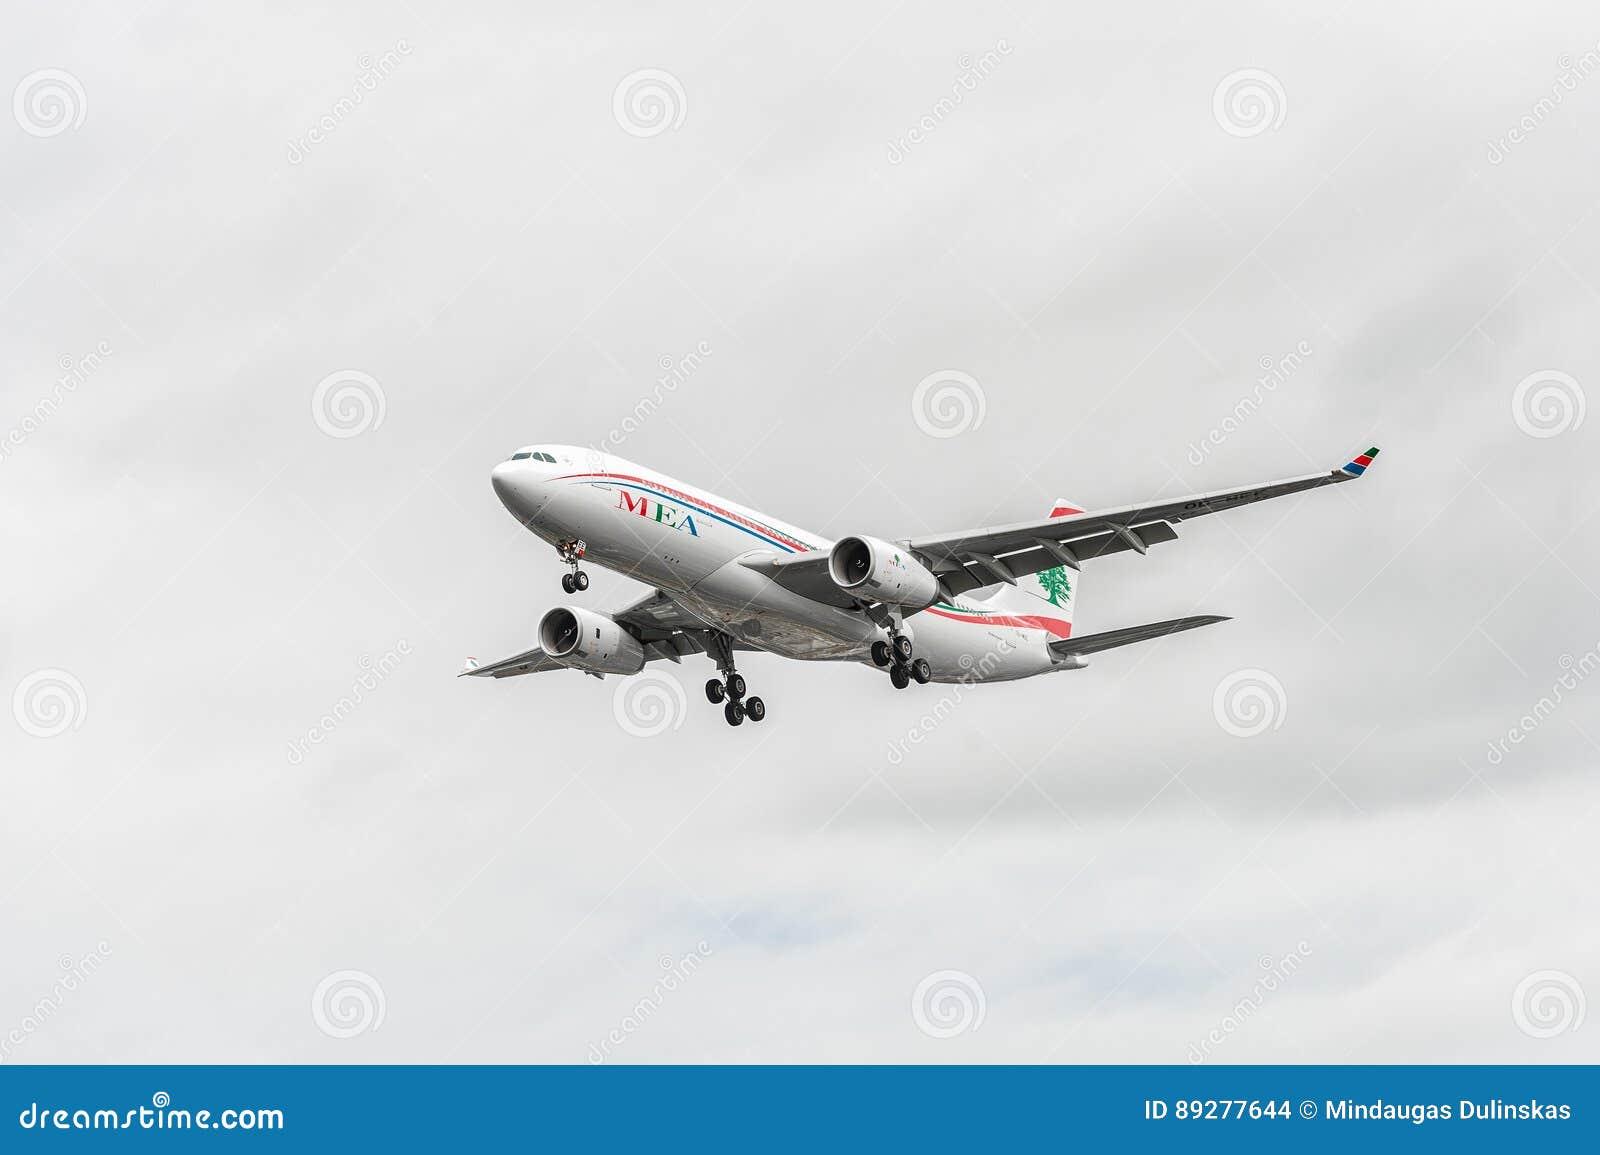 LONDRA, INGHILTERRA - 22 AGOSTO 2016: Atterraggio di OD-MEE MEA Airlines Airbus A330 nell aeroporto di Heathrow, Londra